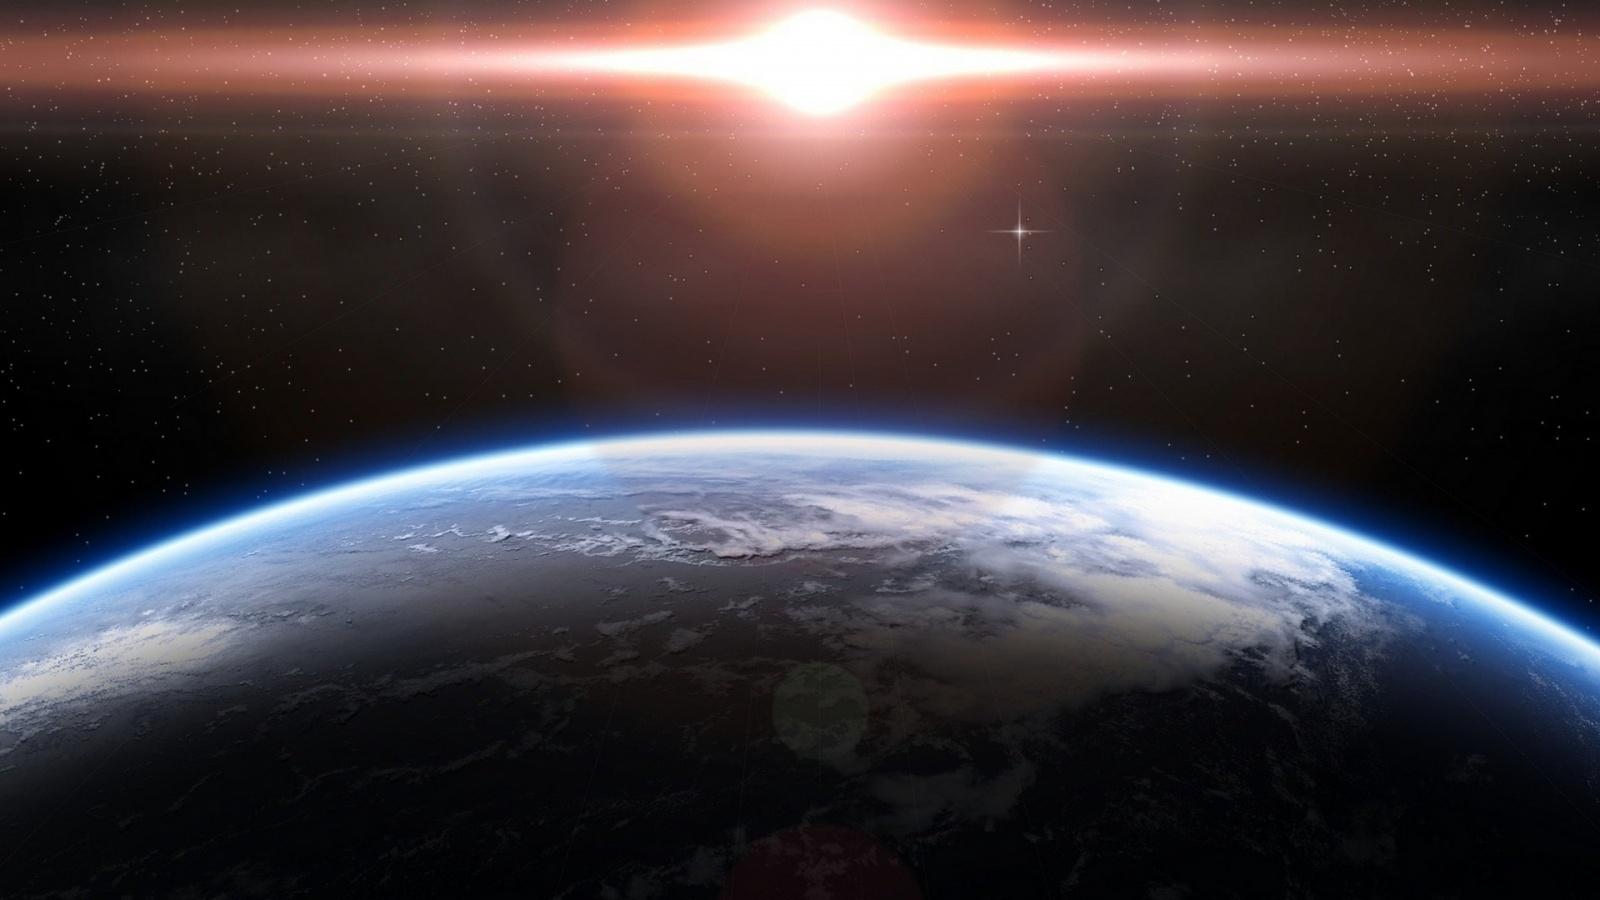 А не замахнуться ли нам на оптическую связь? Лазеры, космос, CubeSat - 51